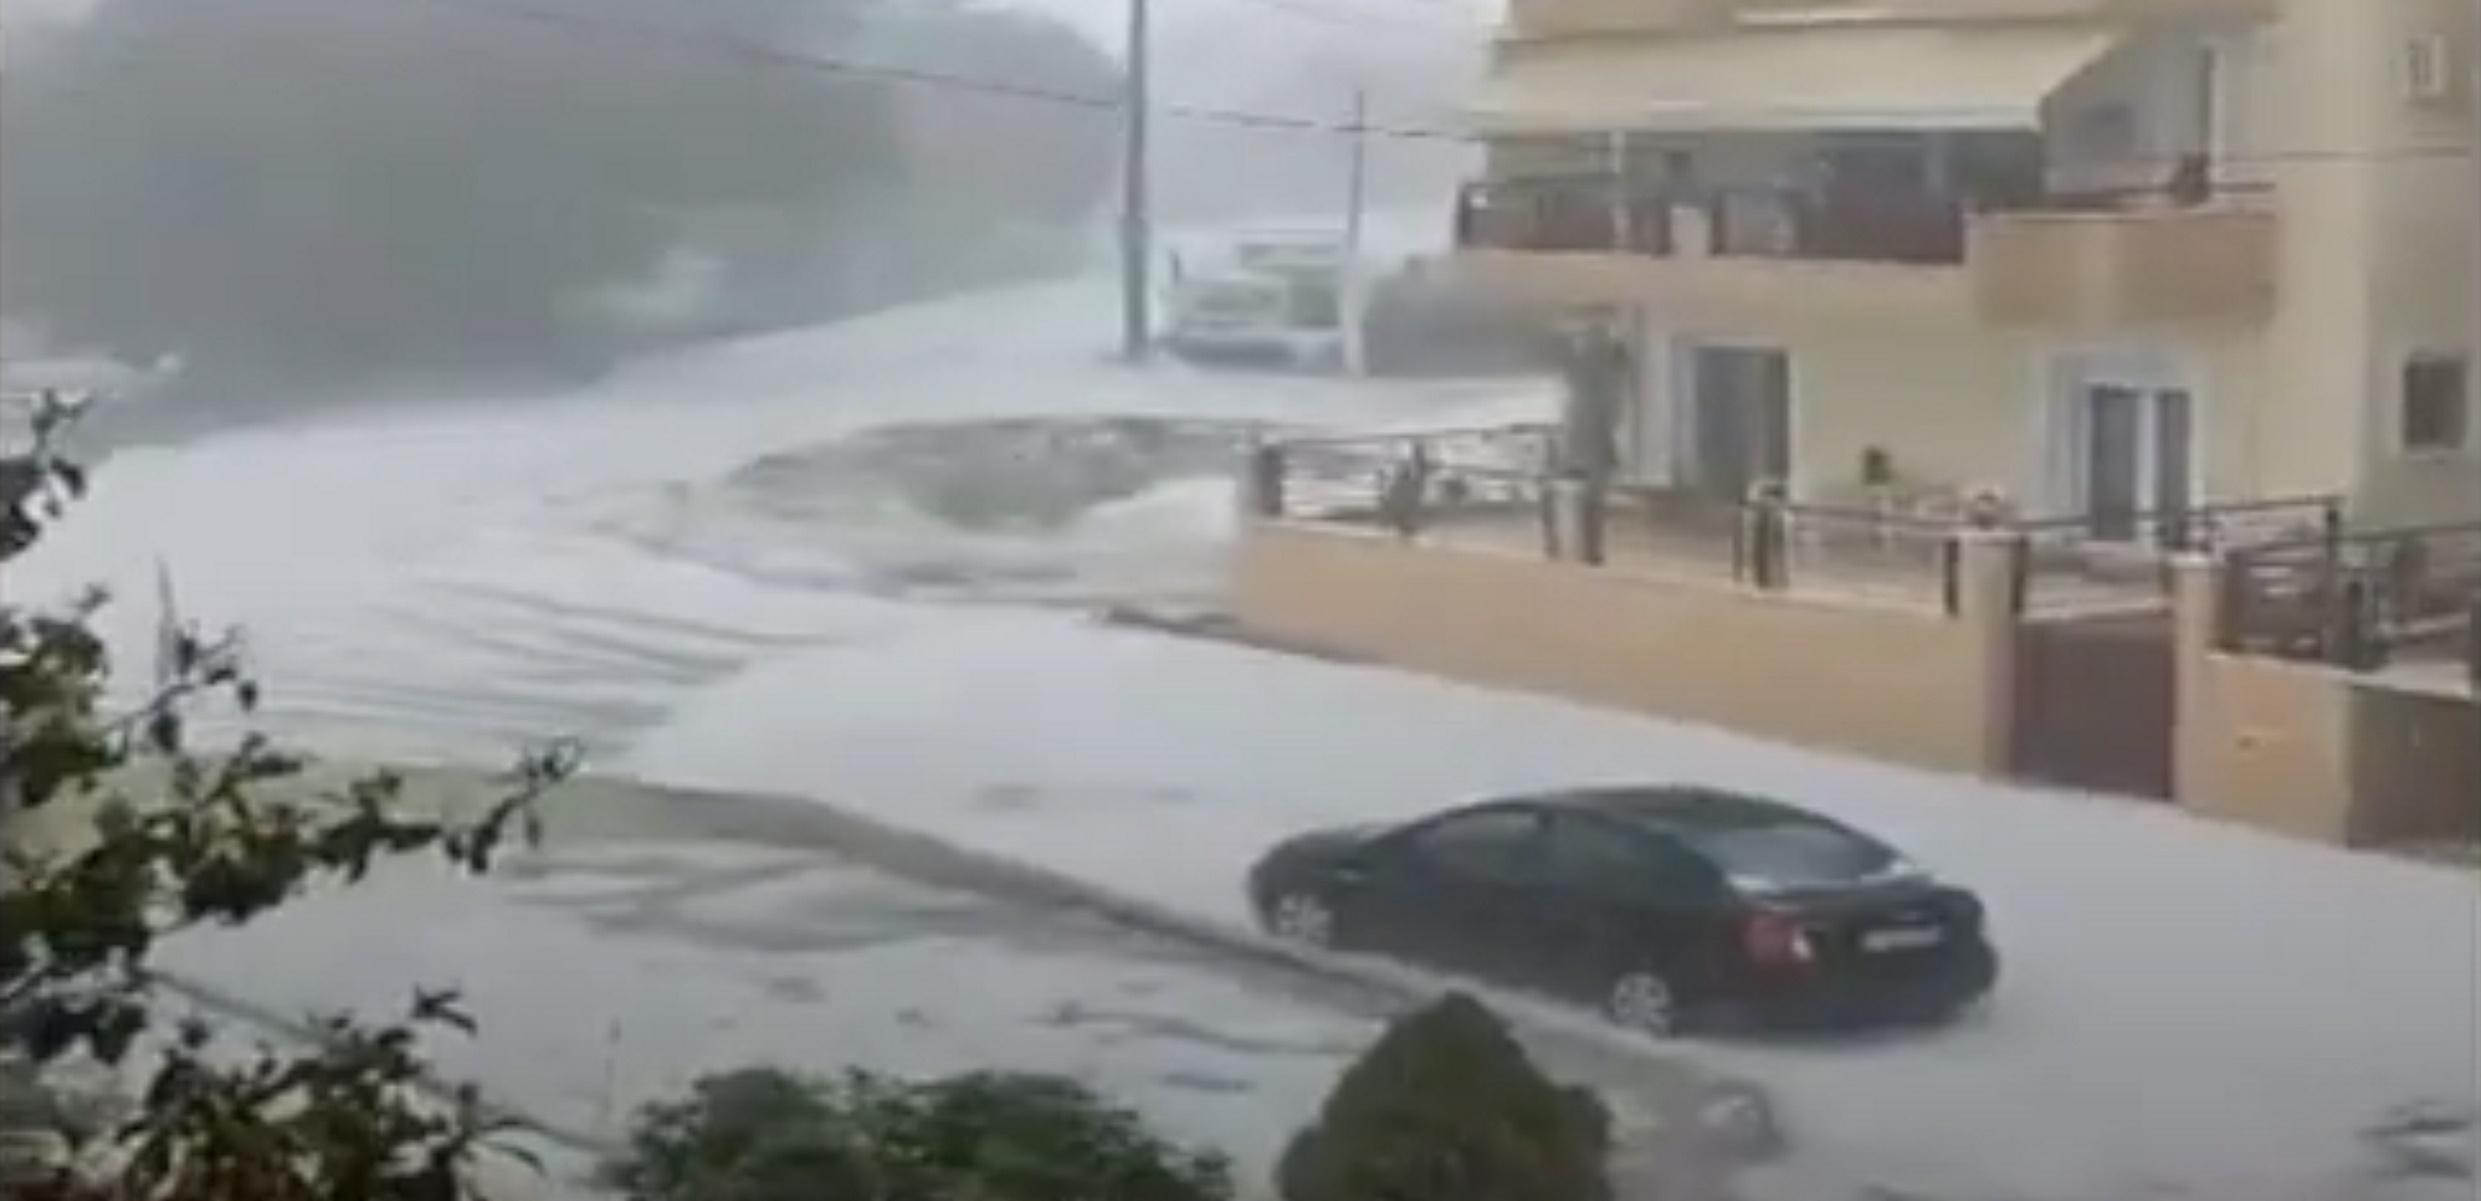 Καιρός – Κοζάνη: Καταιγίδες και ασταμάτητο χαλάζι (video)